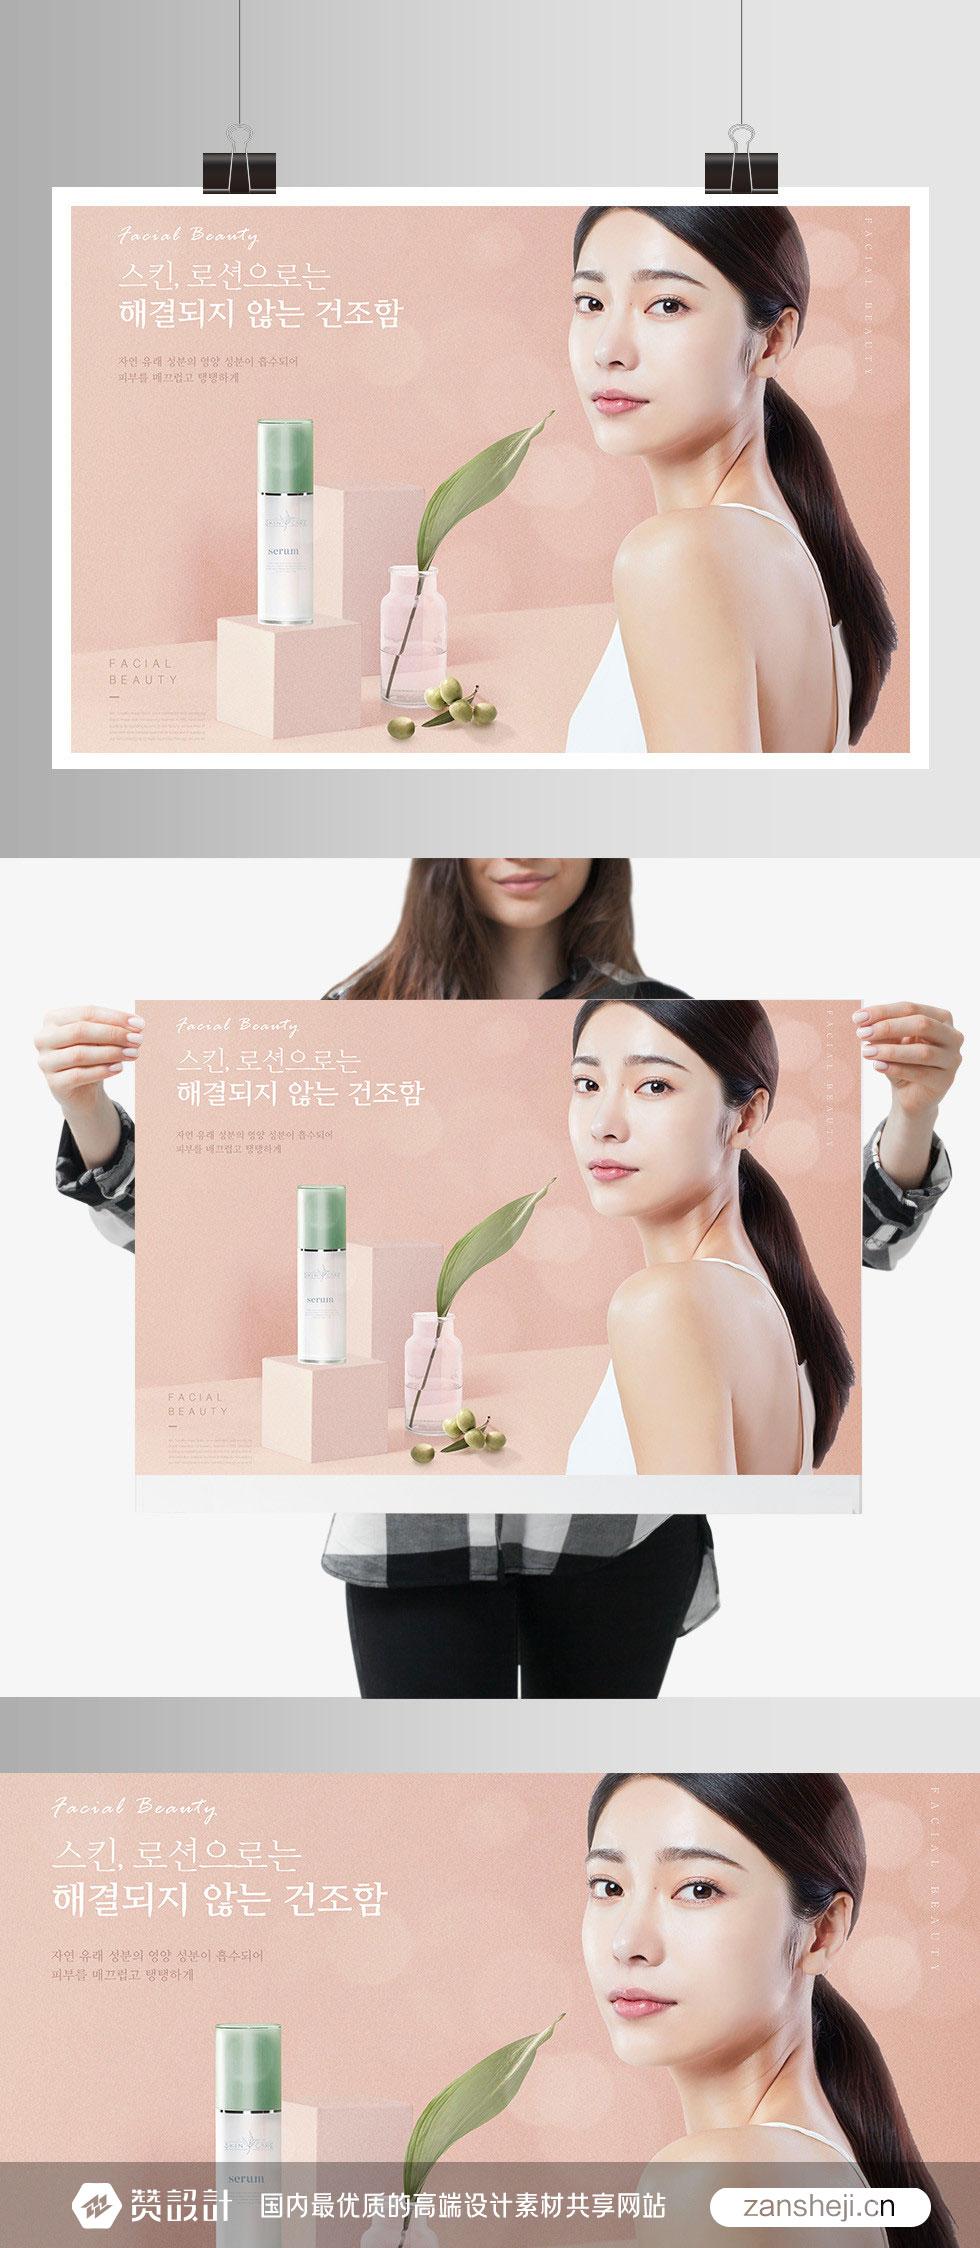 美容护肤品广告模板与清爽模特美女